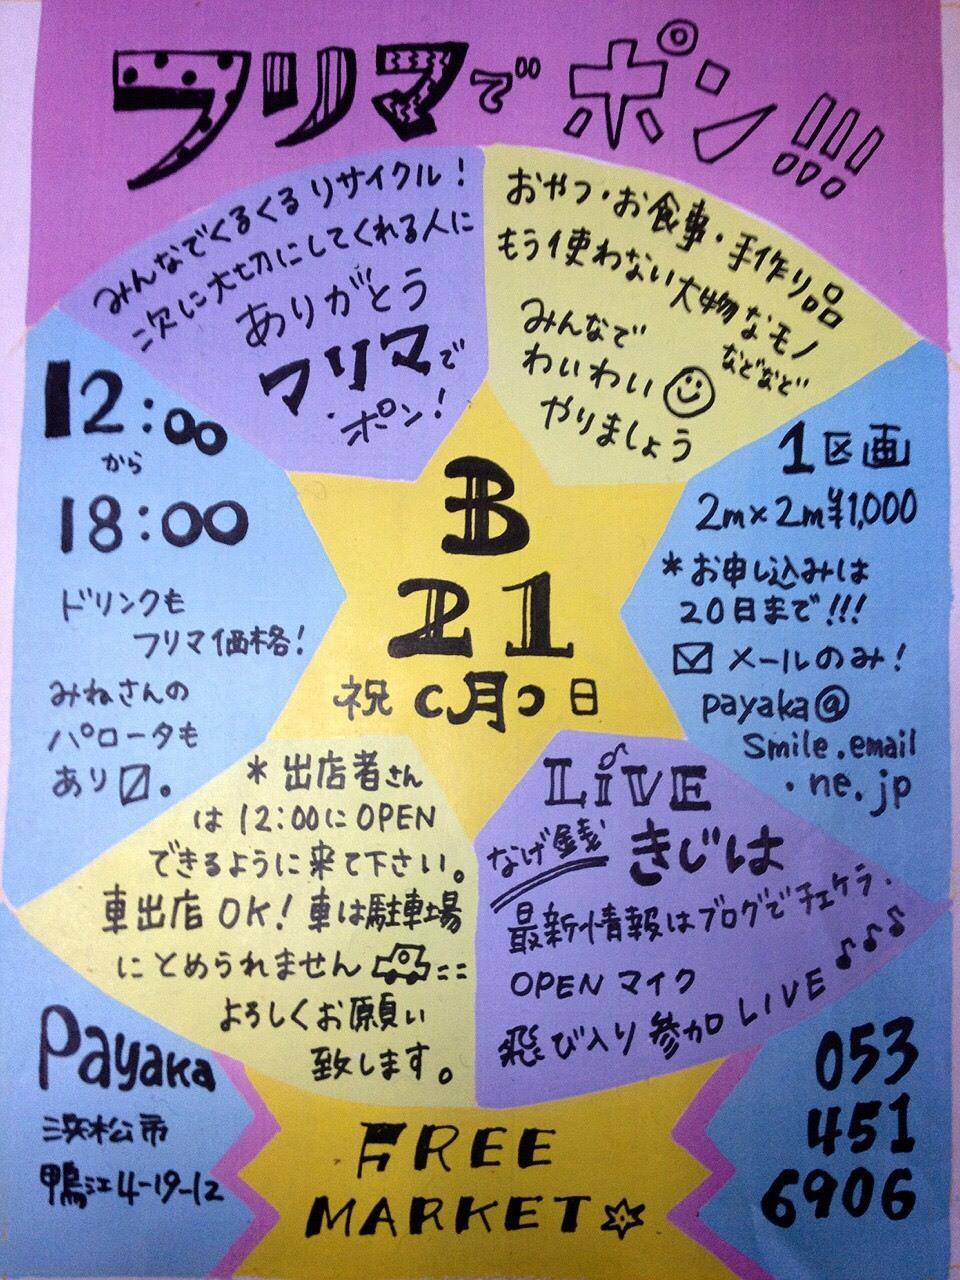 3/21(祝) フリマでポン!!!_a0252768_19552852.jpg